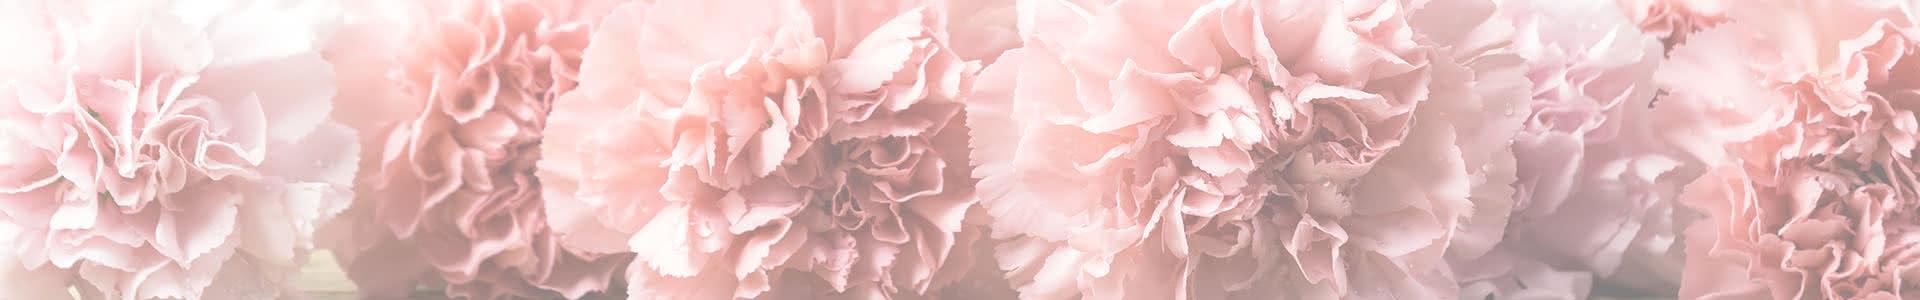 Clavel, guía básica para descubrir la flor de enero